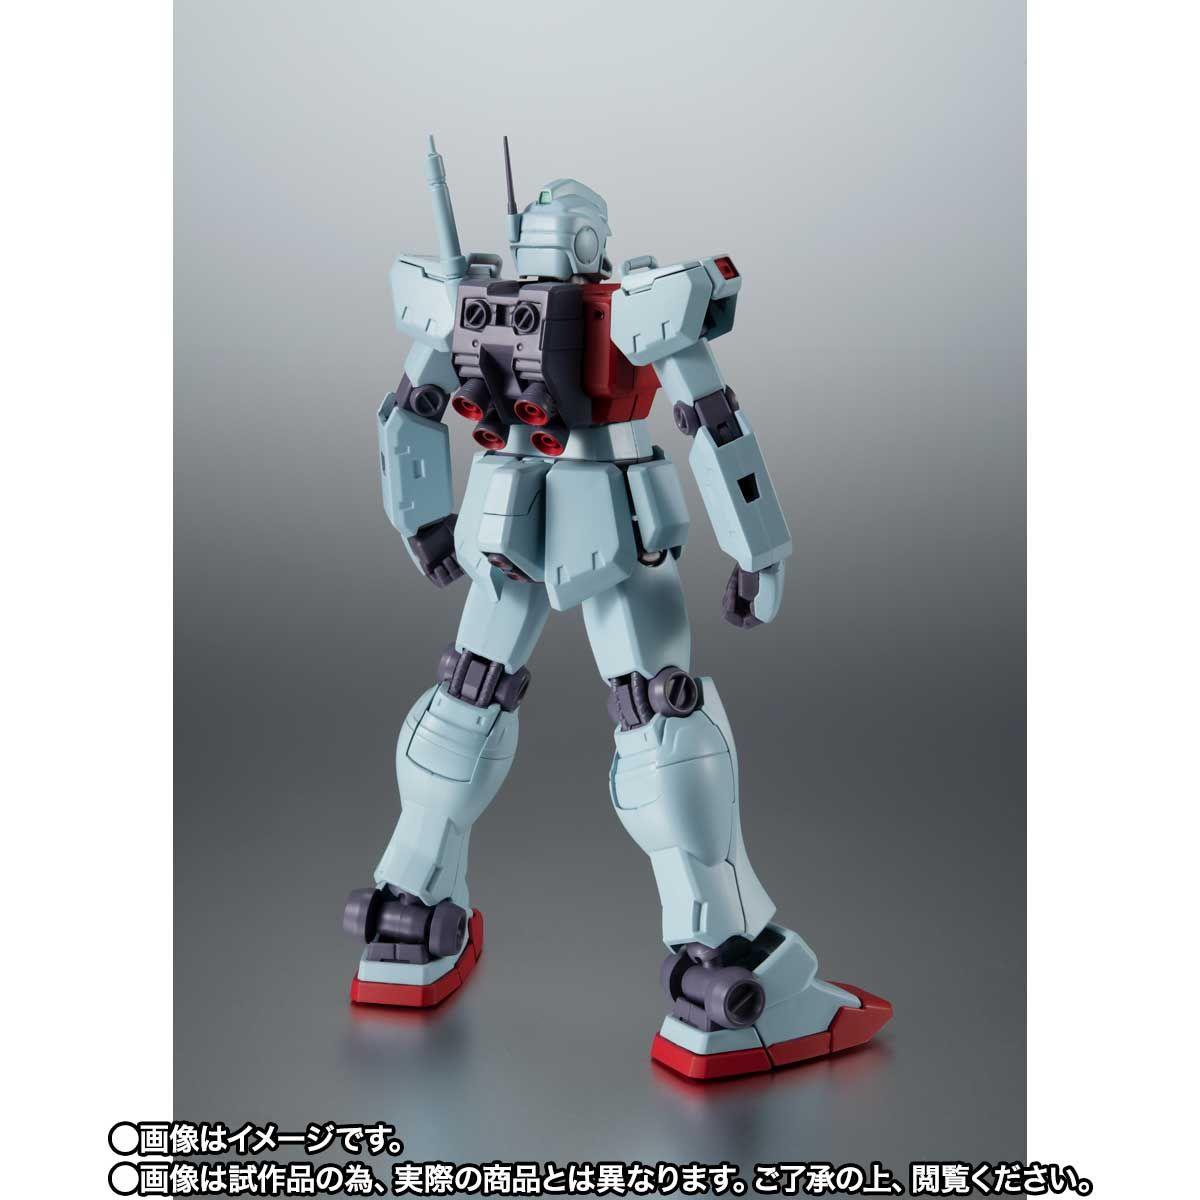 【限定販売】ROBOT魂〈SIDE MS〉『RGM-79C ジム改 宇宙戦仕様 ver. A.N.I.M.E.』ガンダム0083 可動フィギュア-003